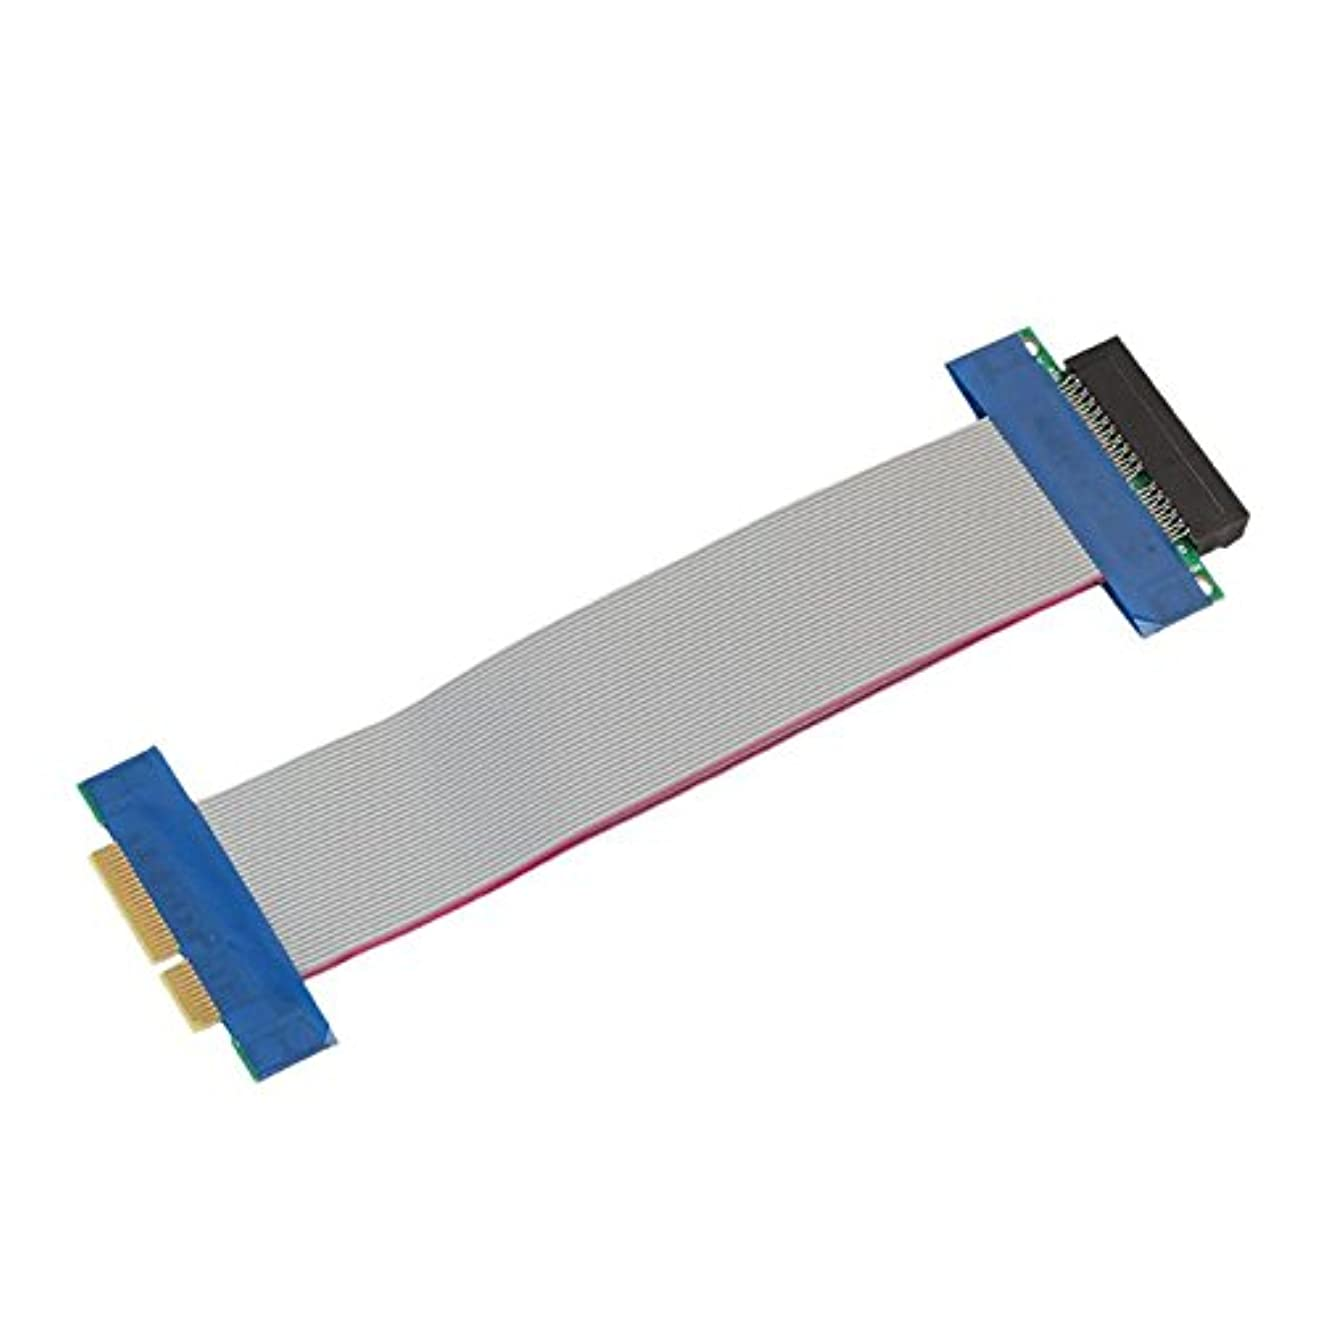 解釈病的消費するPCI - E 4?XライザーカードフレックスリボンエクステンダーアダプタコンバータPCI Express x4スロット拡張子ケーブルfor 1u / 2u